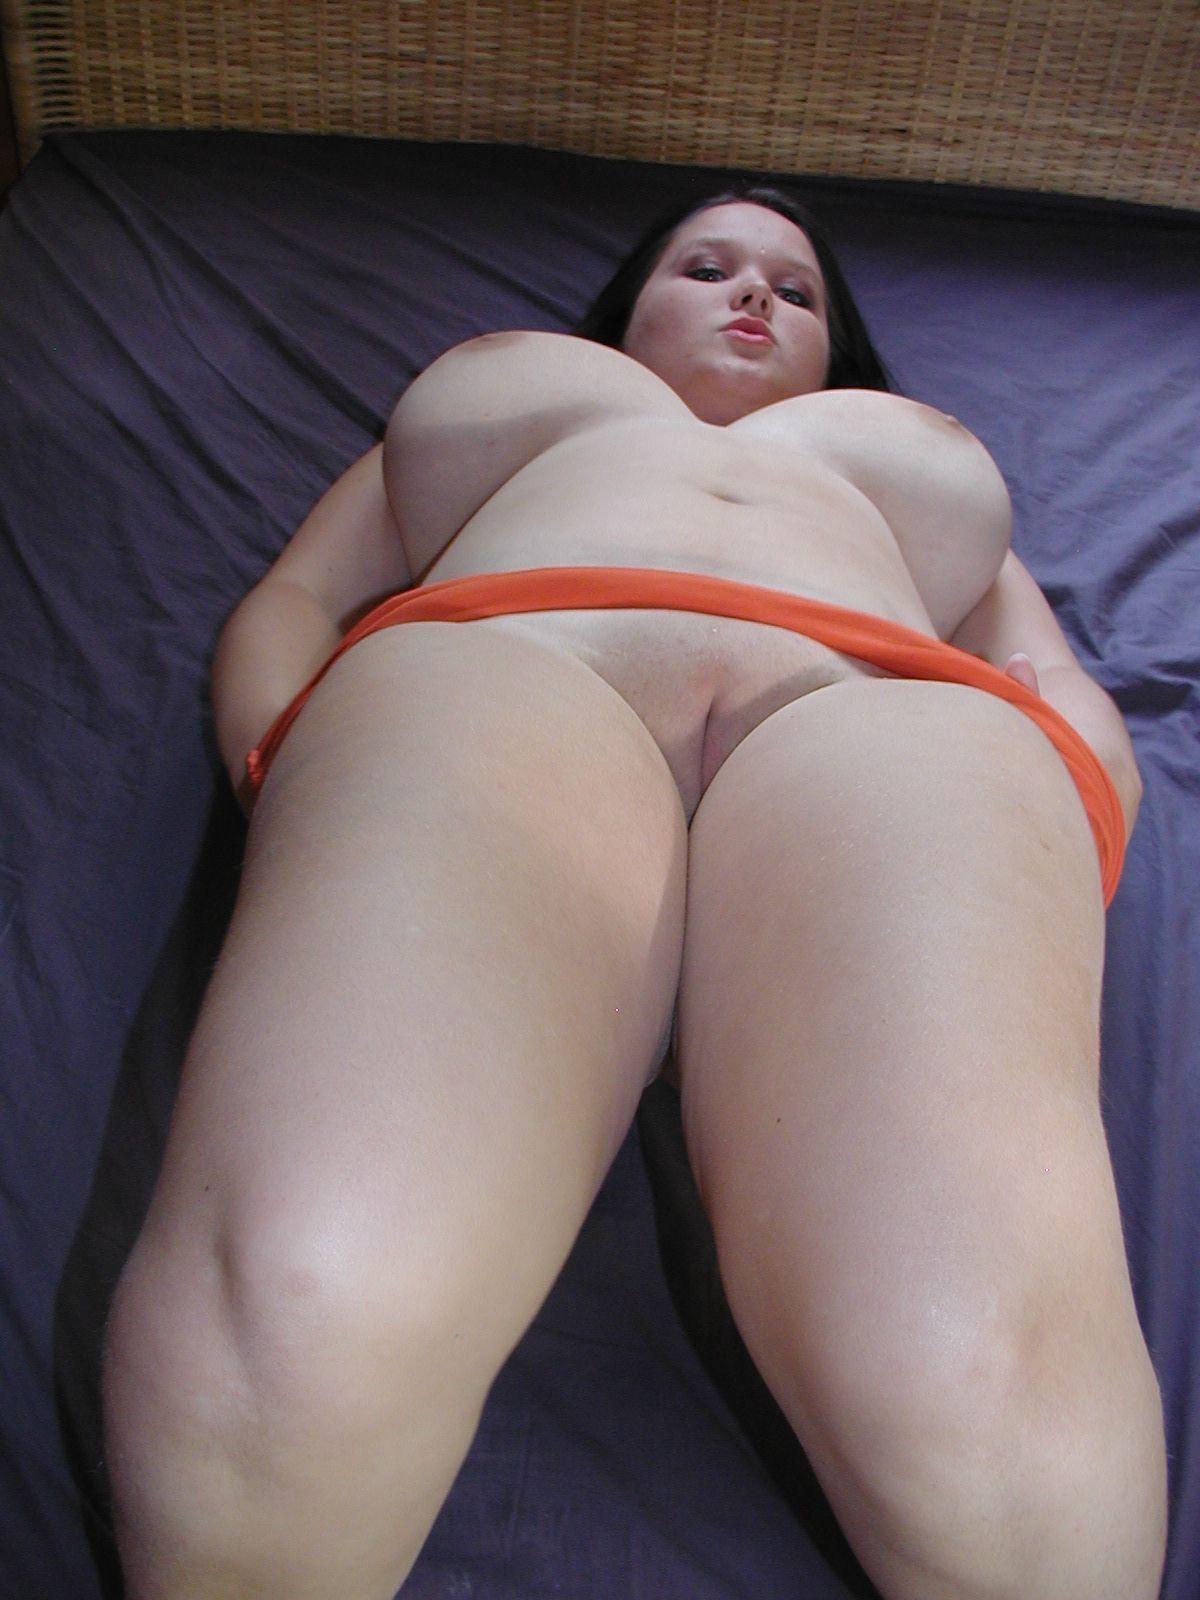 С большими сиськами и толстыми ляжками порно 1 фотография